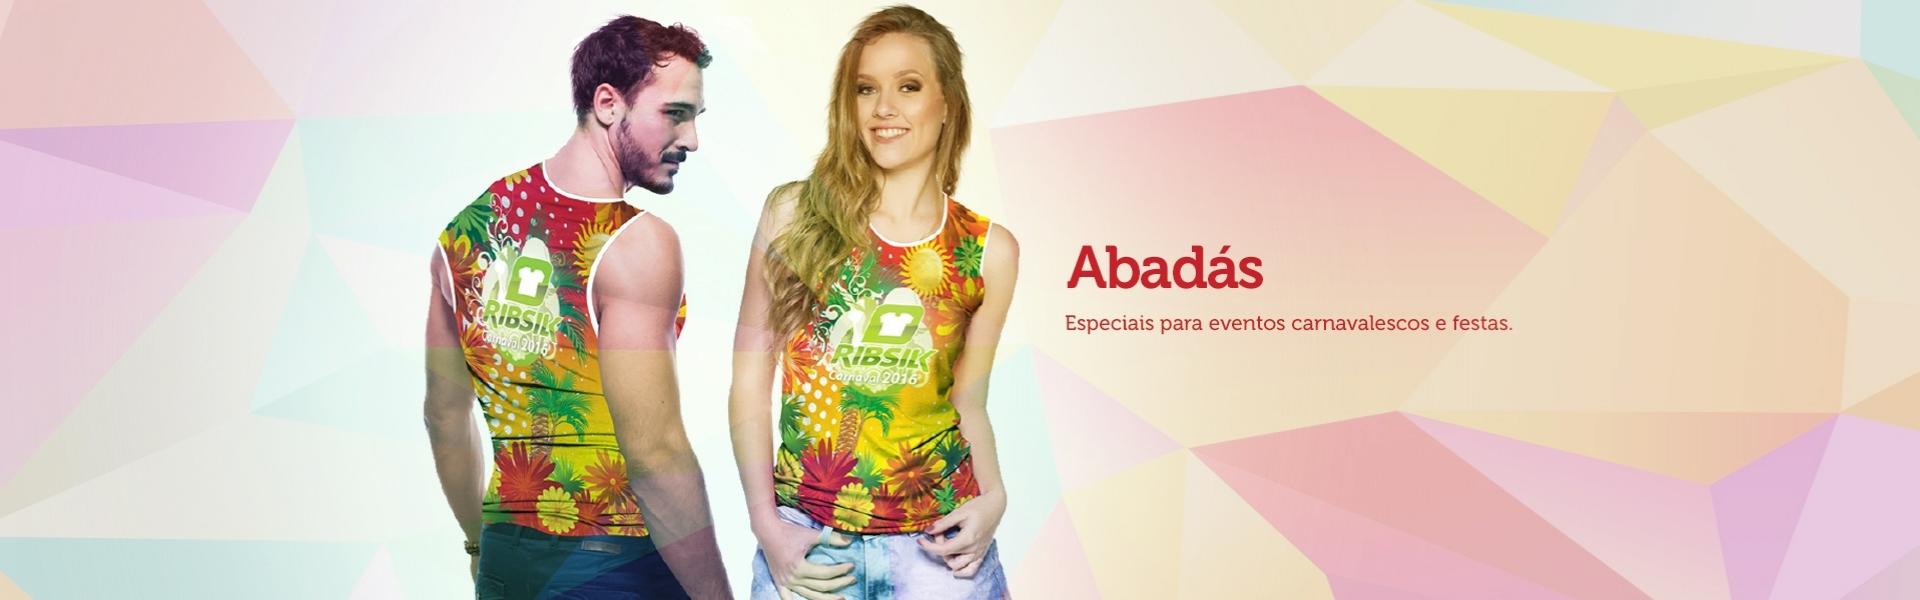 Abadá